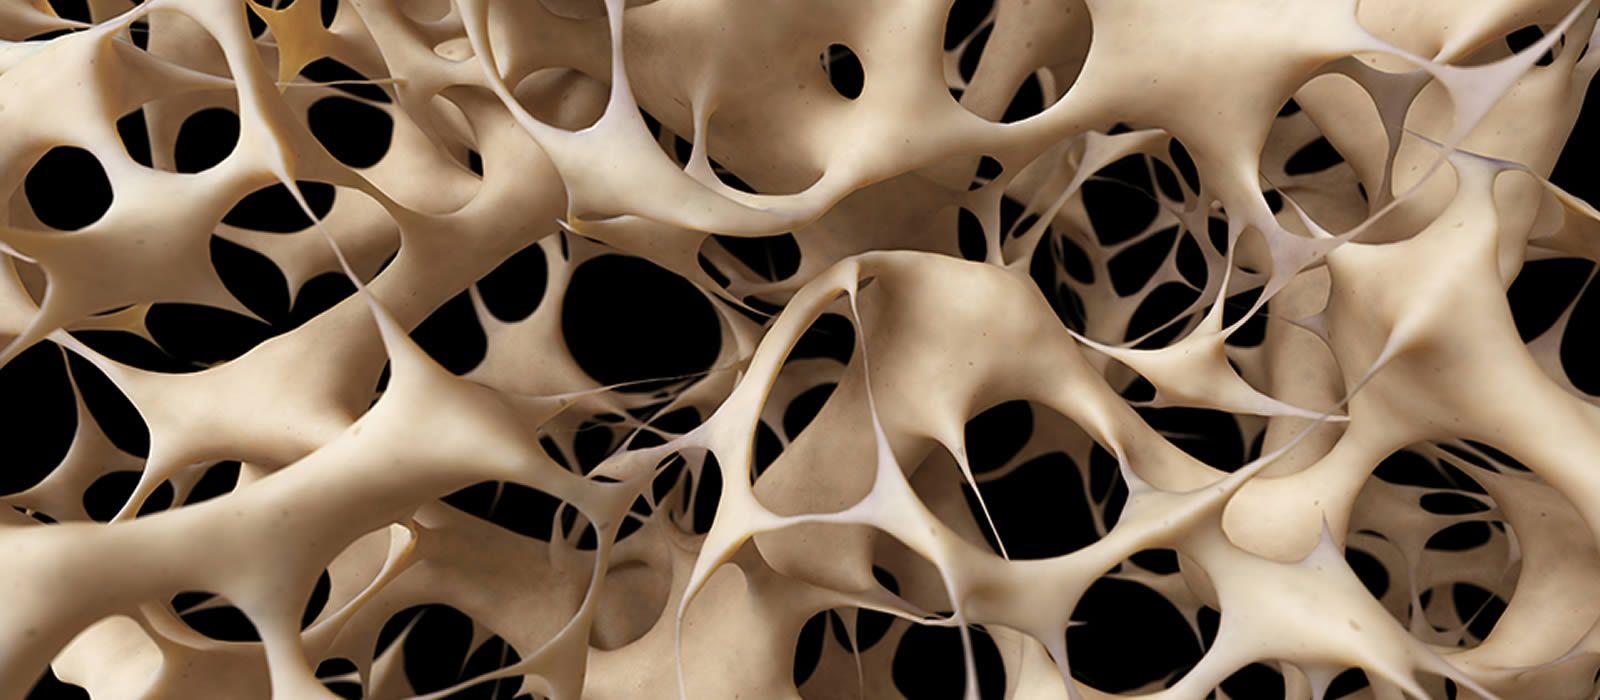 Osteoporosis y salud femenina: síntomas y prevención